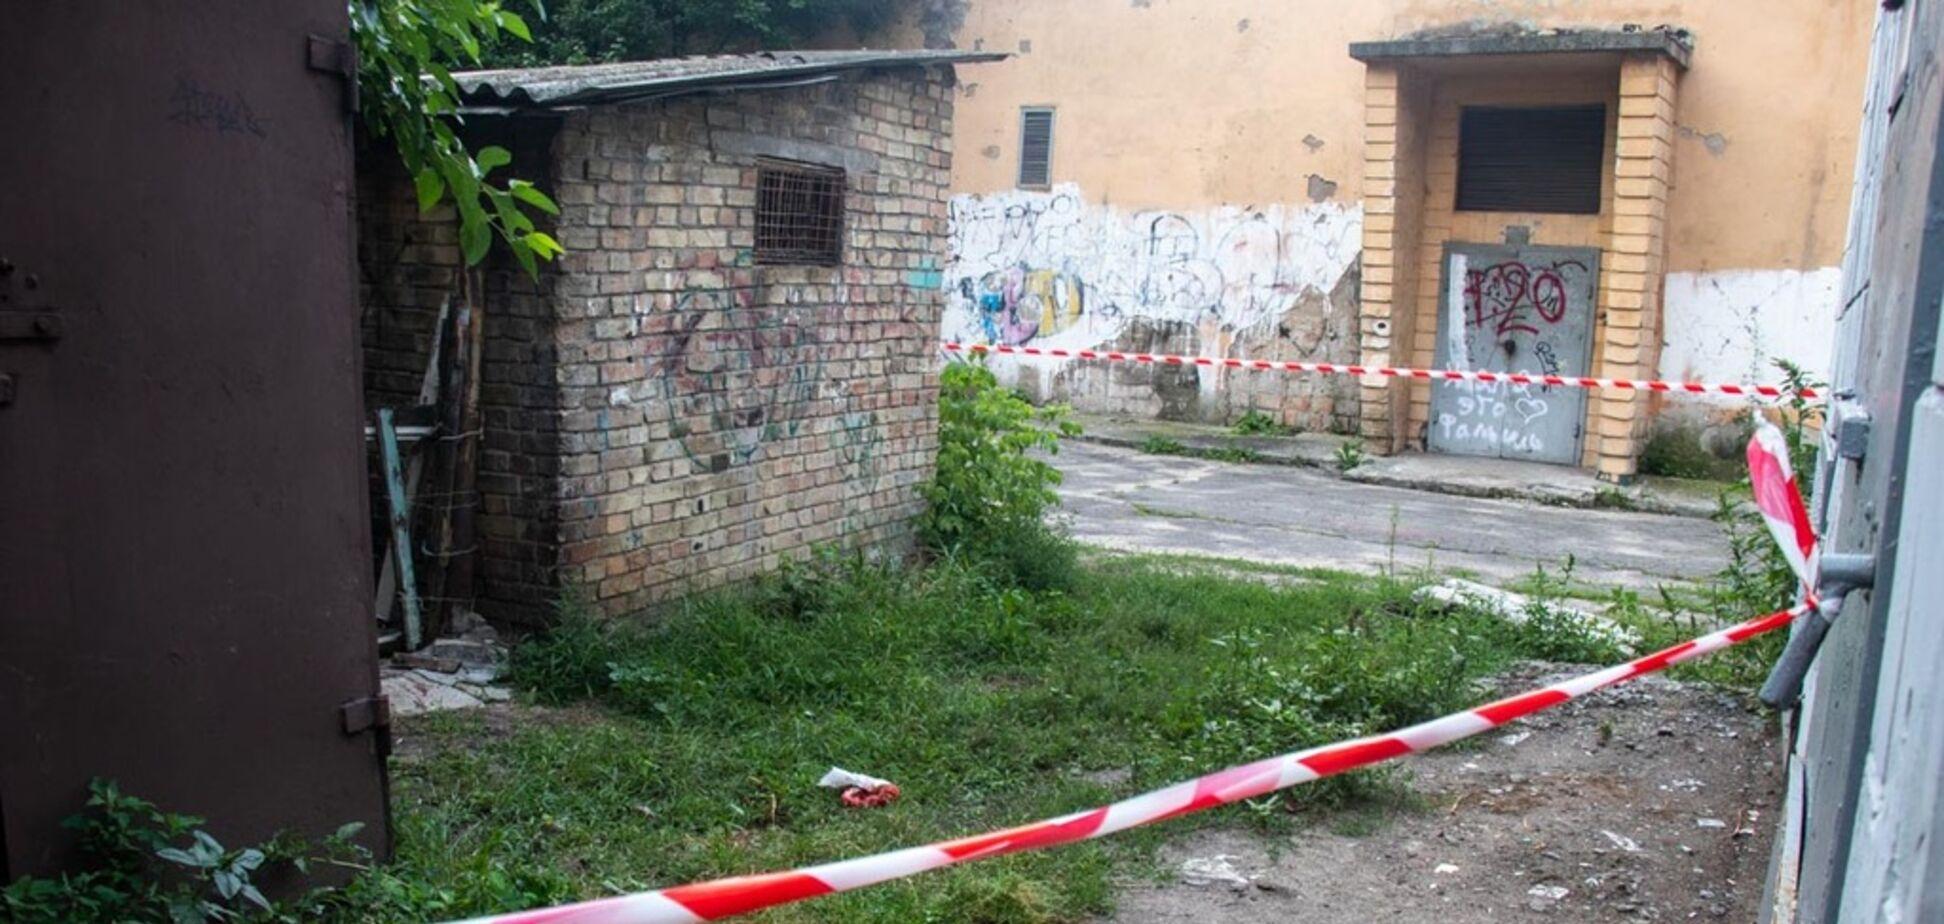 Бросила на земле: в Киеве женщина родила за трансформаторной будкой